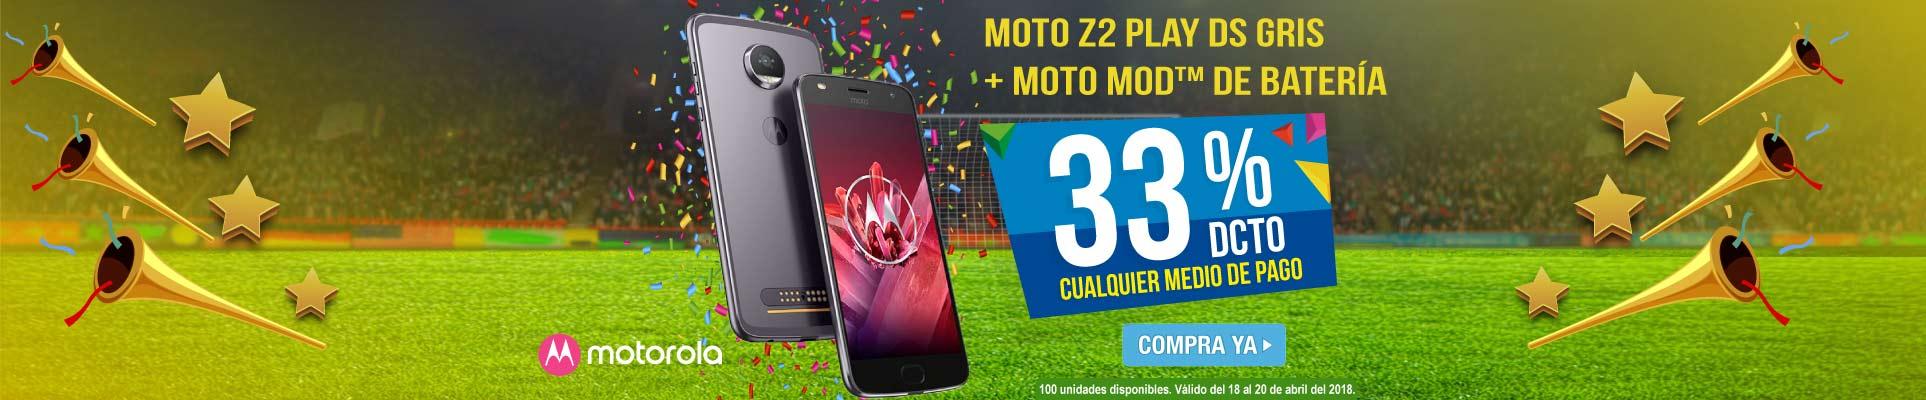 PPAL ALKP-5-celulares-Celular Libre MOTOROLA Moto Z2 Play DS Gris + Moto Mod-prod-Abril18-20